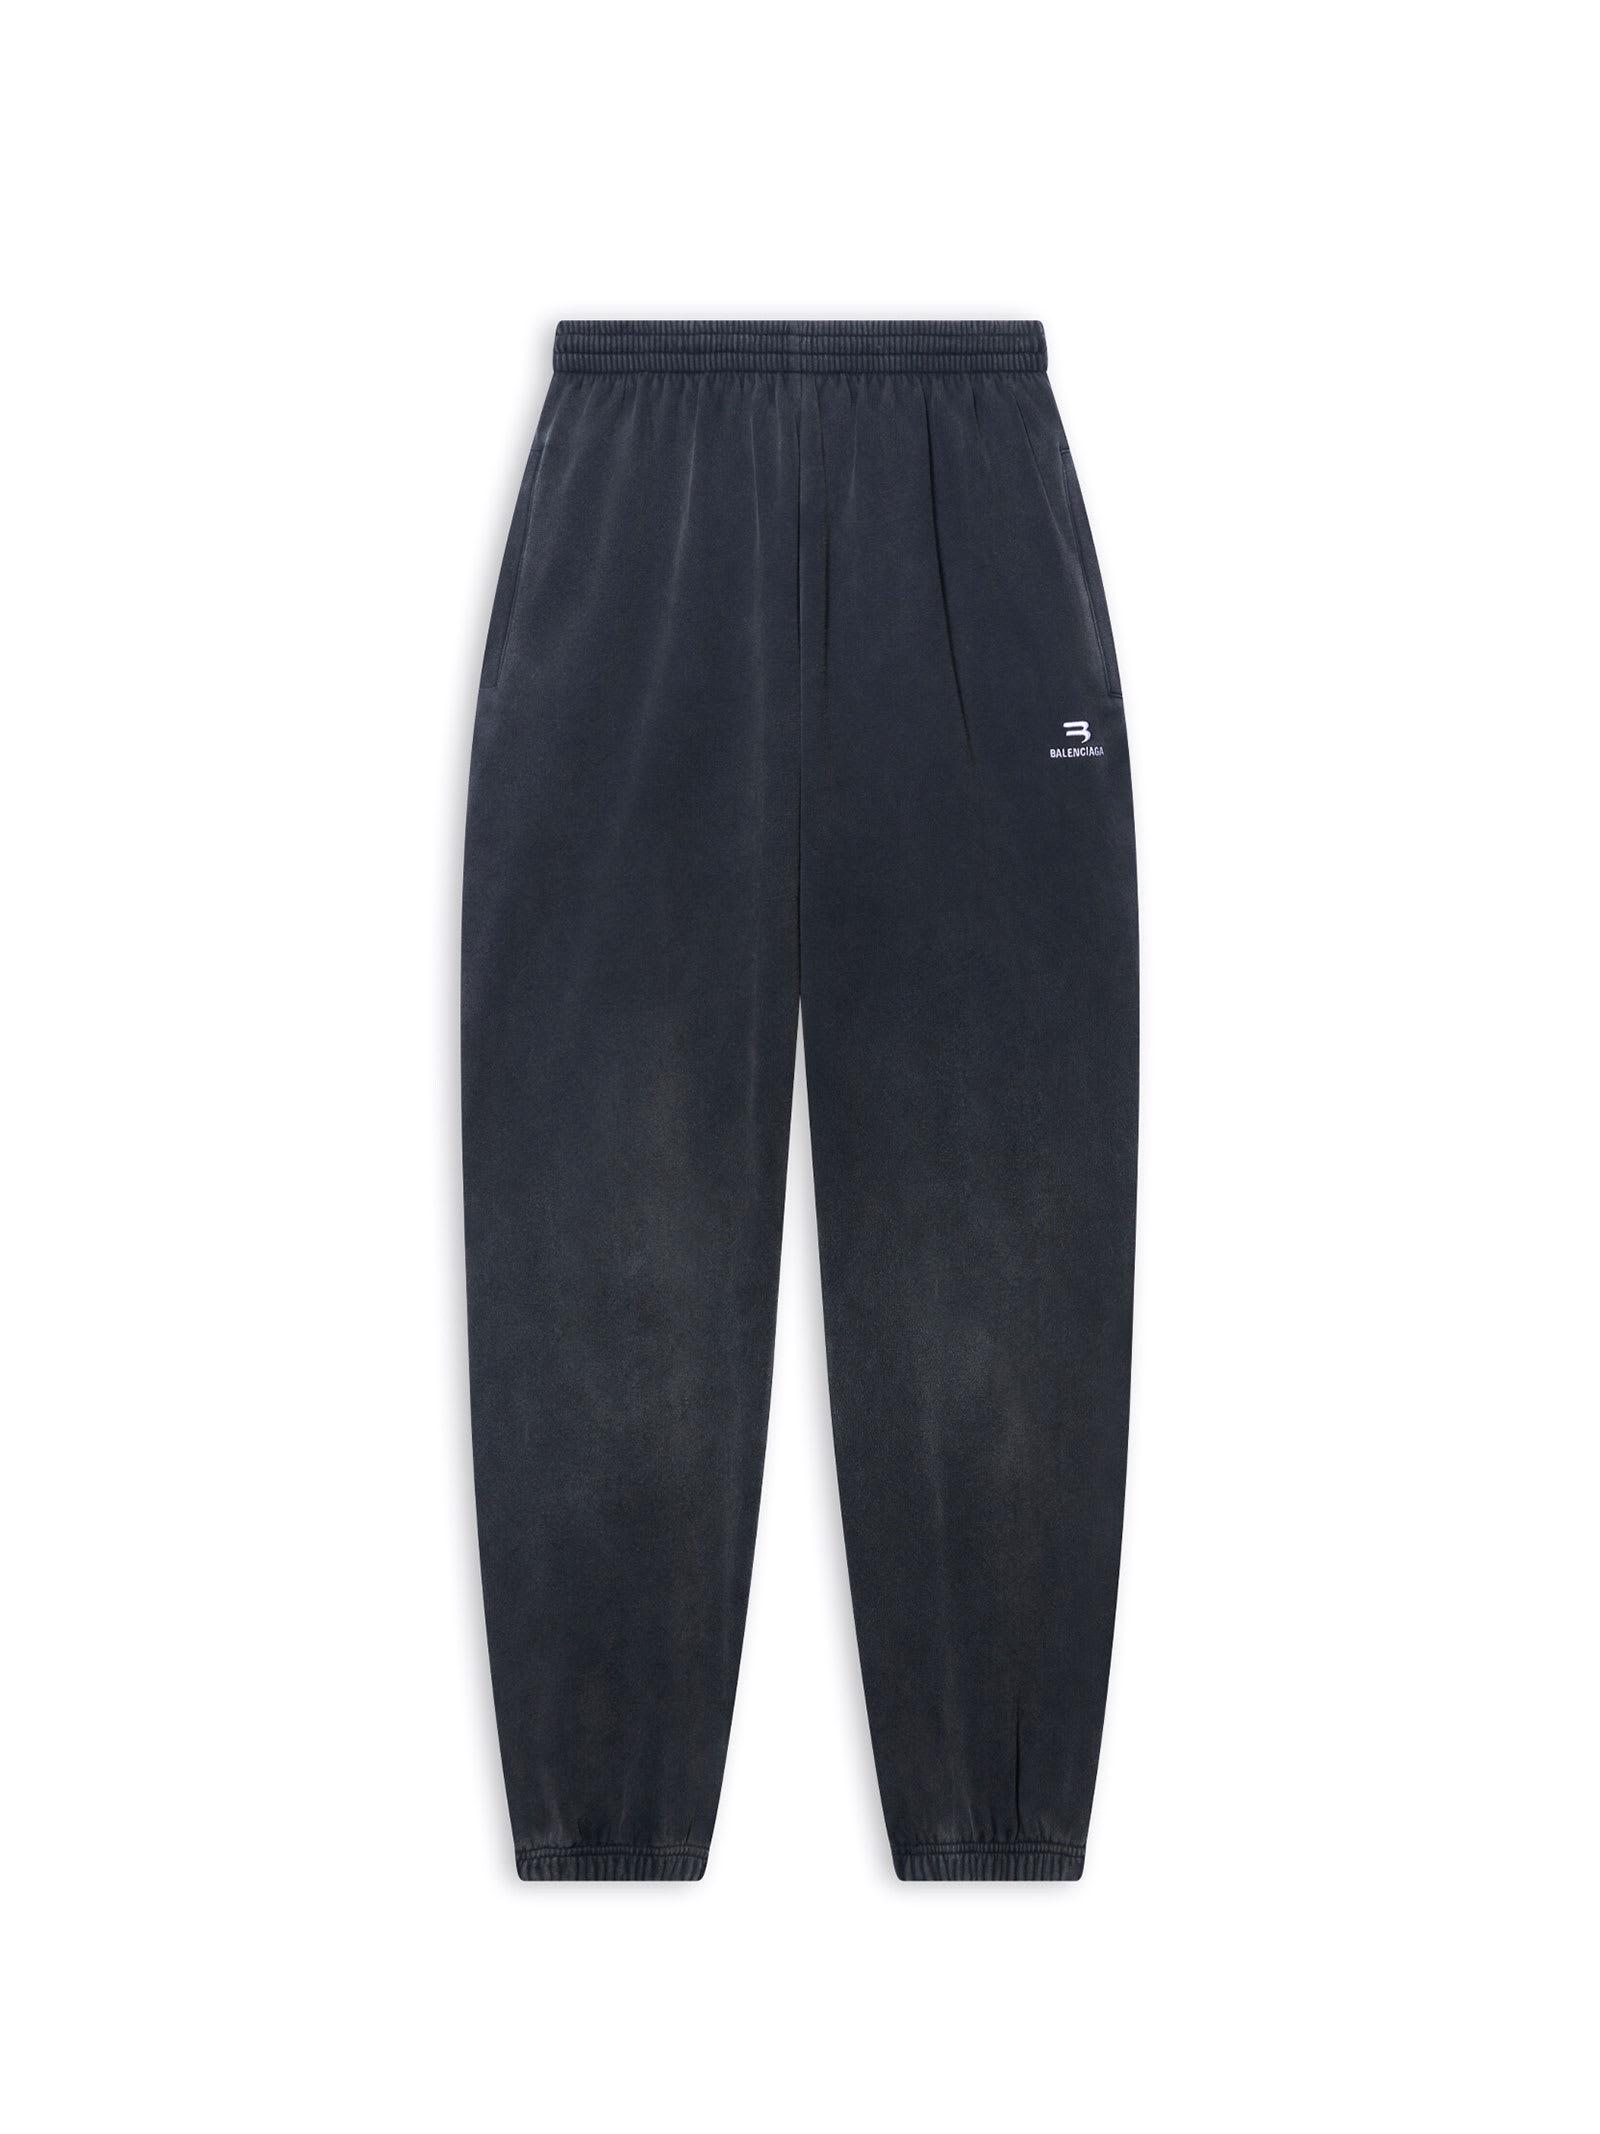 Balenciaga Sweatshirt Pants In Washed Black